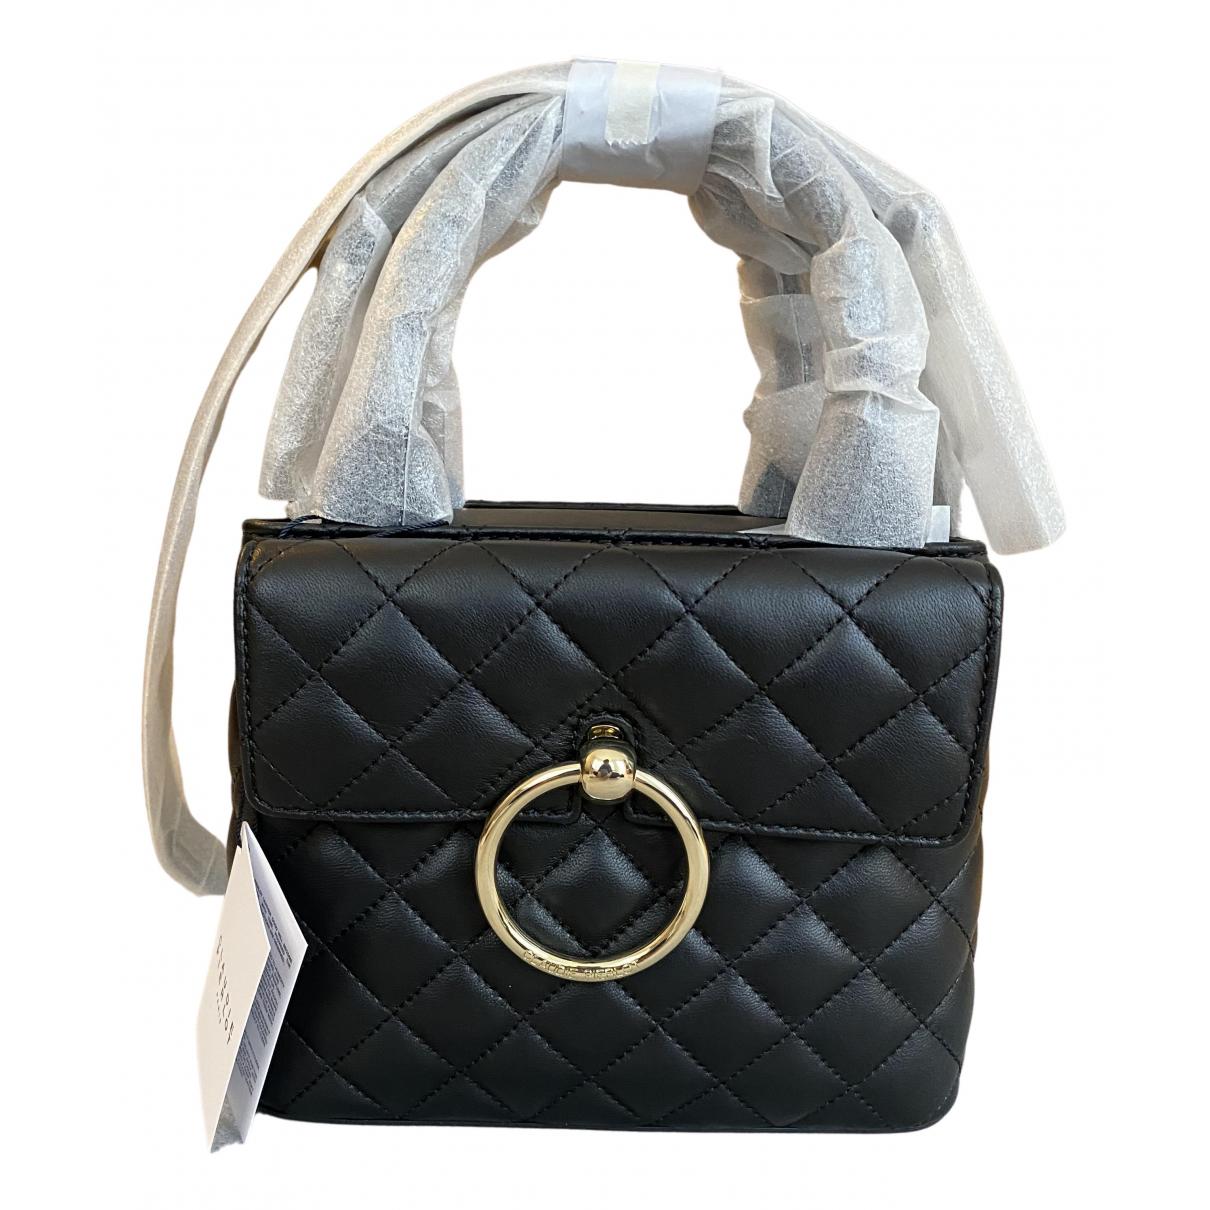 Claudie Pierlot N Black Leather handbag for Women N